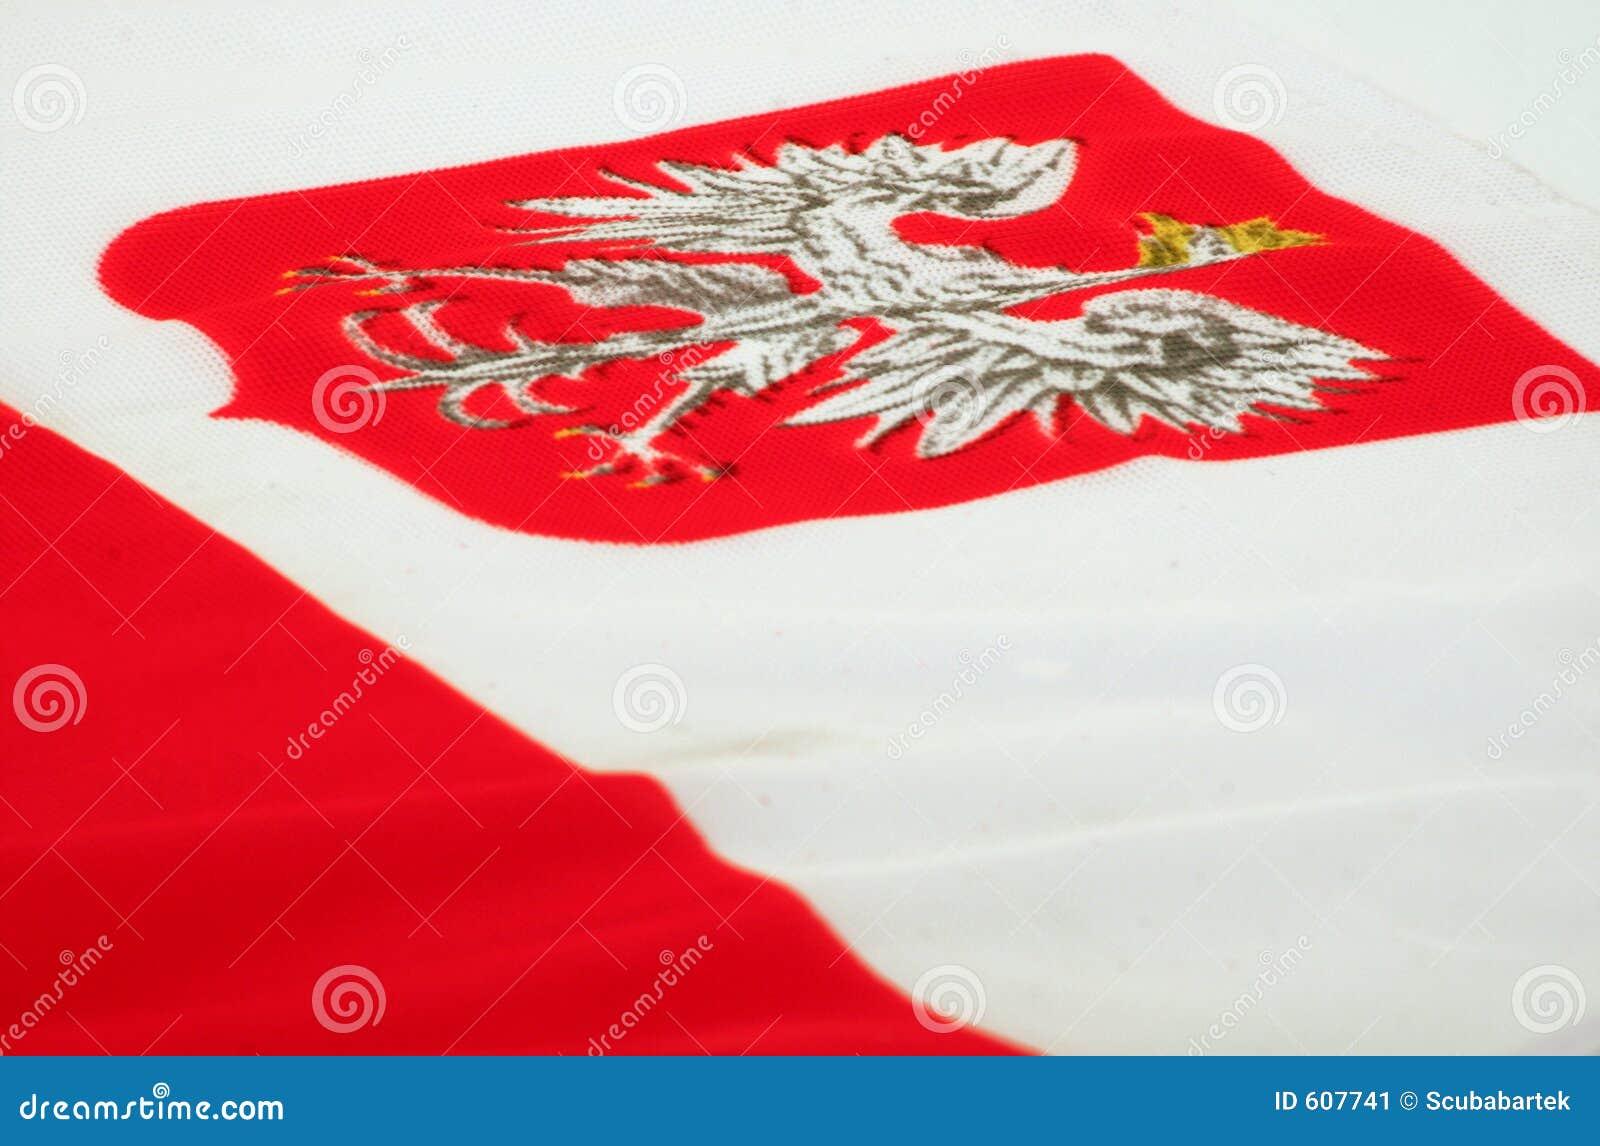 Wapenschild van Polen op een vlag